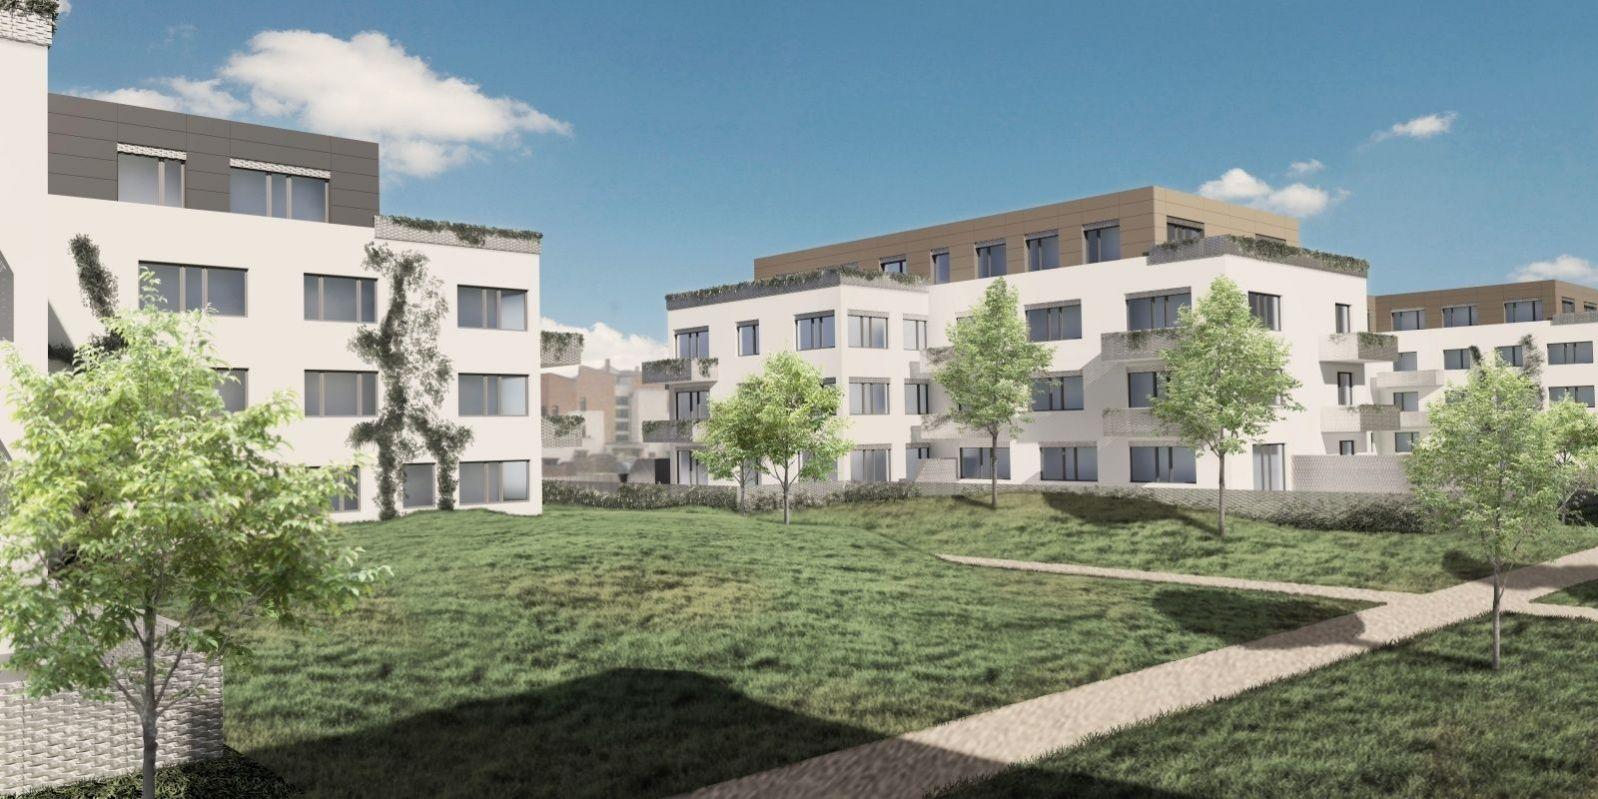 Komerční prostor, 81.4 m2, Horoměřice, Projekt Višnovka - bytové domy